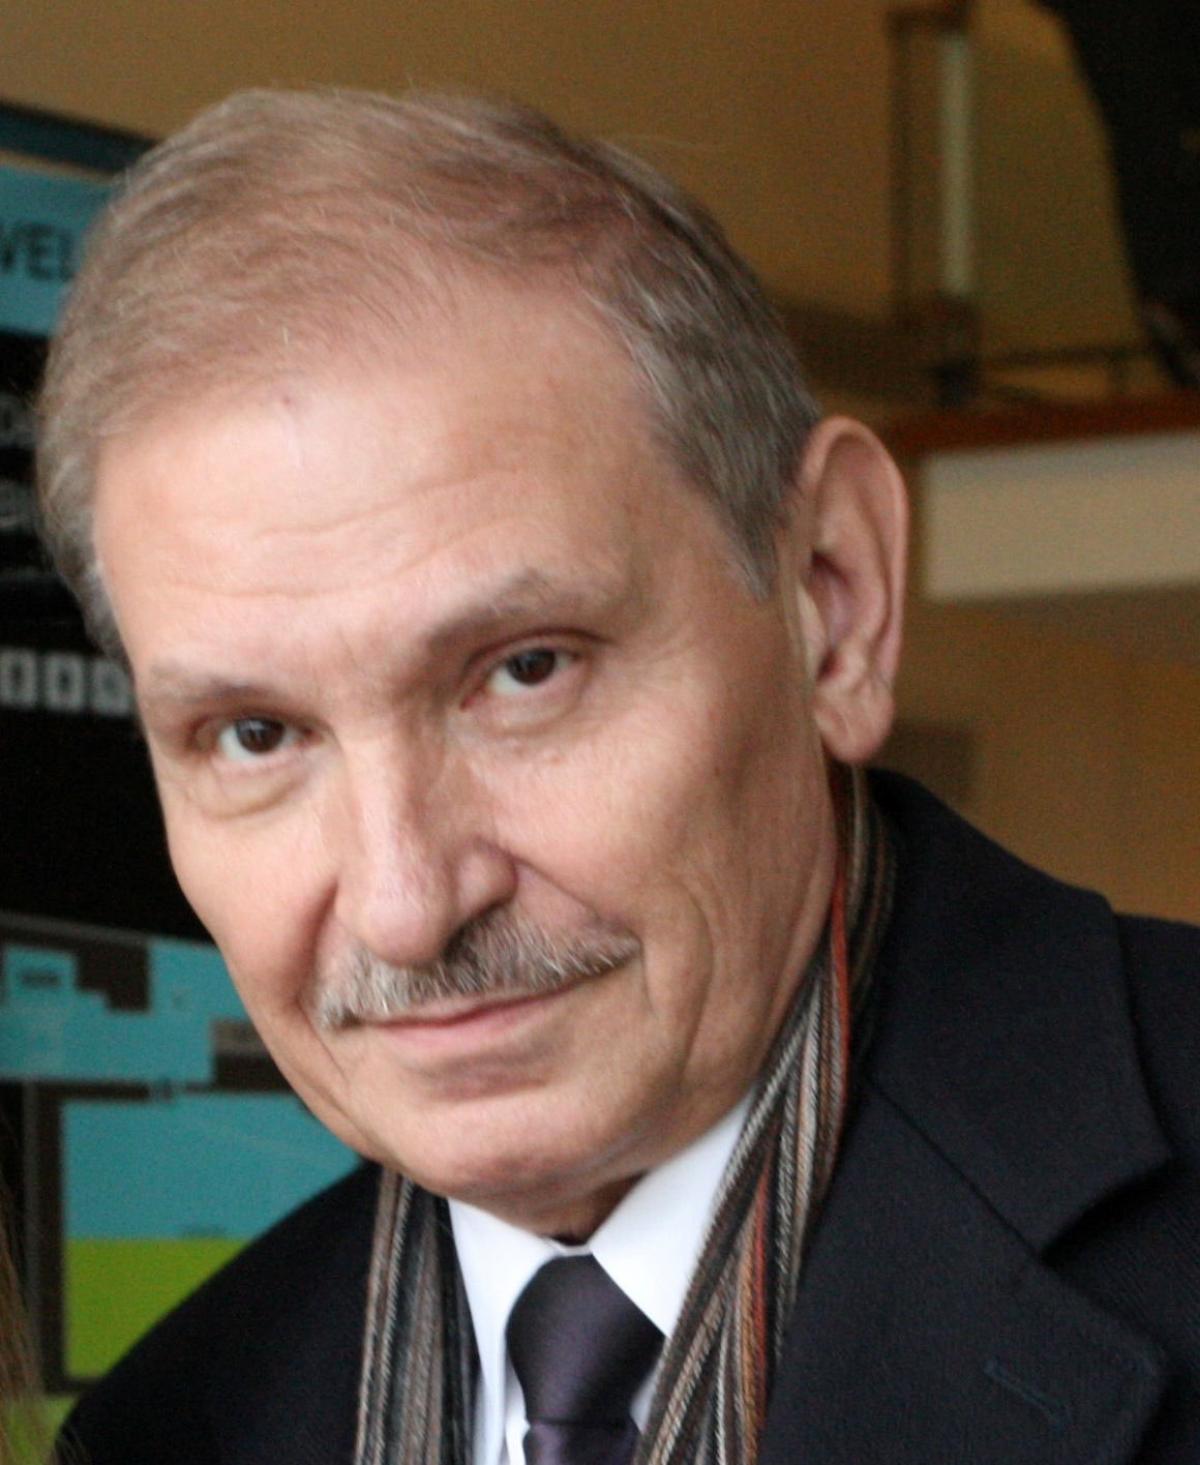 Николай Глушков мог сам впустить убийц в свой дом